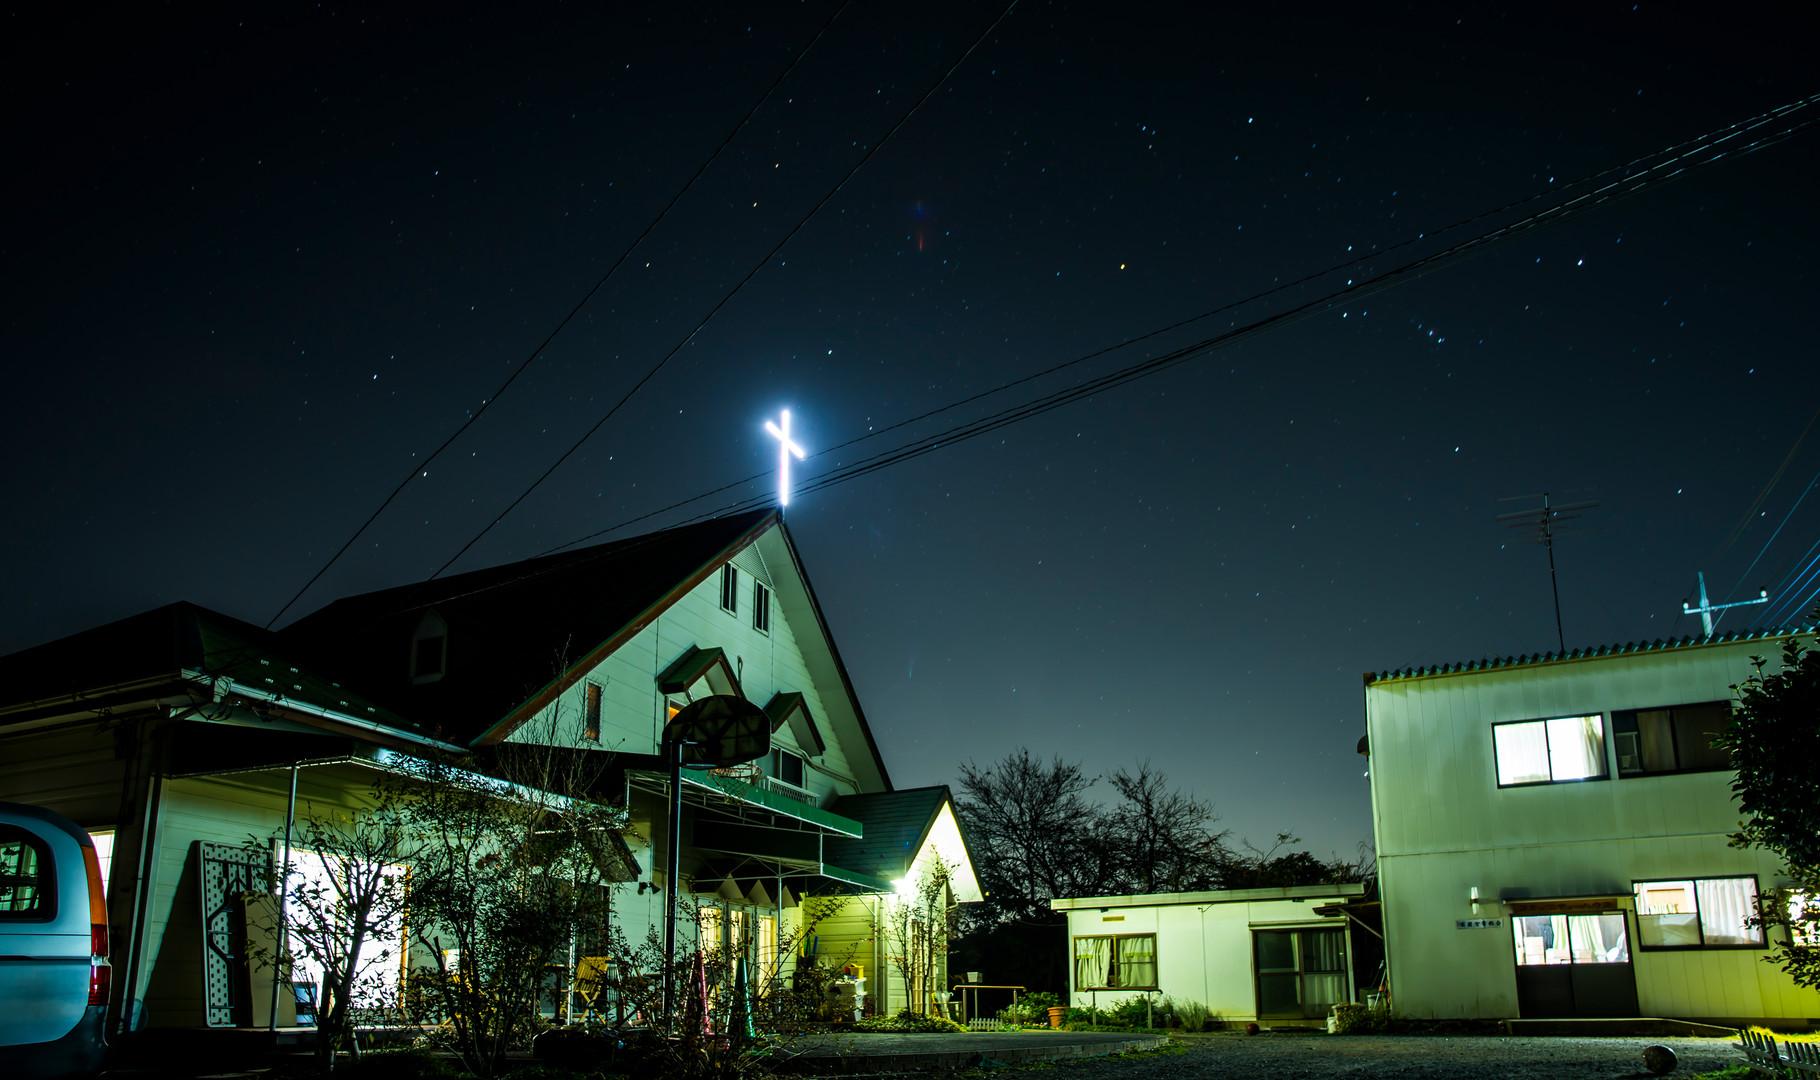 夜の高麗聖書教会。photo by NOG. 星が近いです。アオバズクの声も聞こえます。